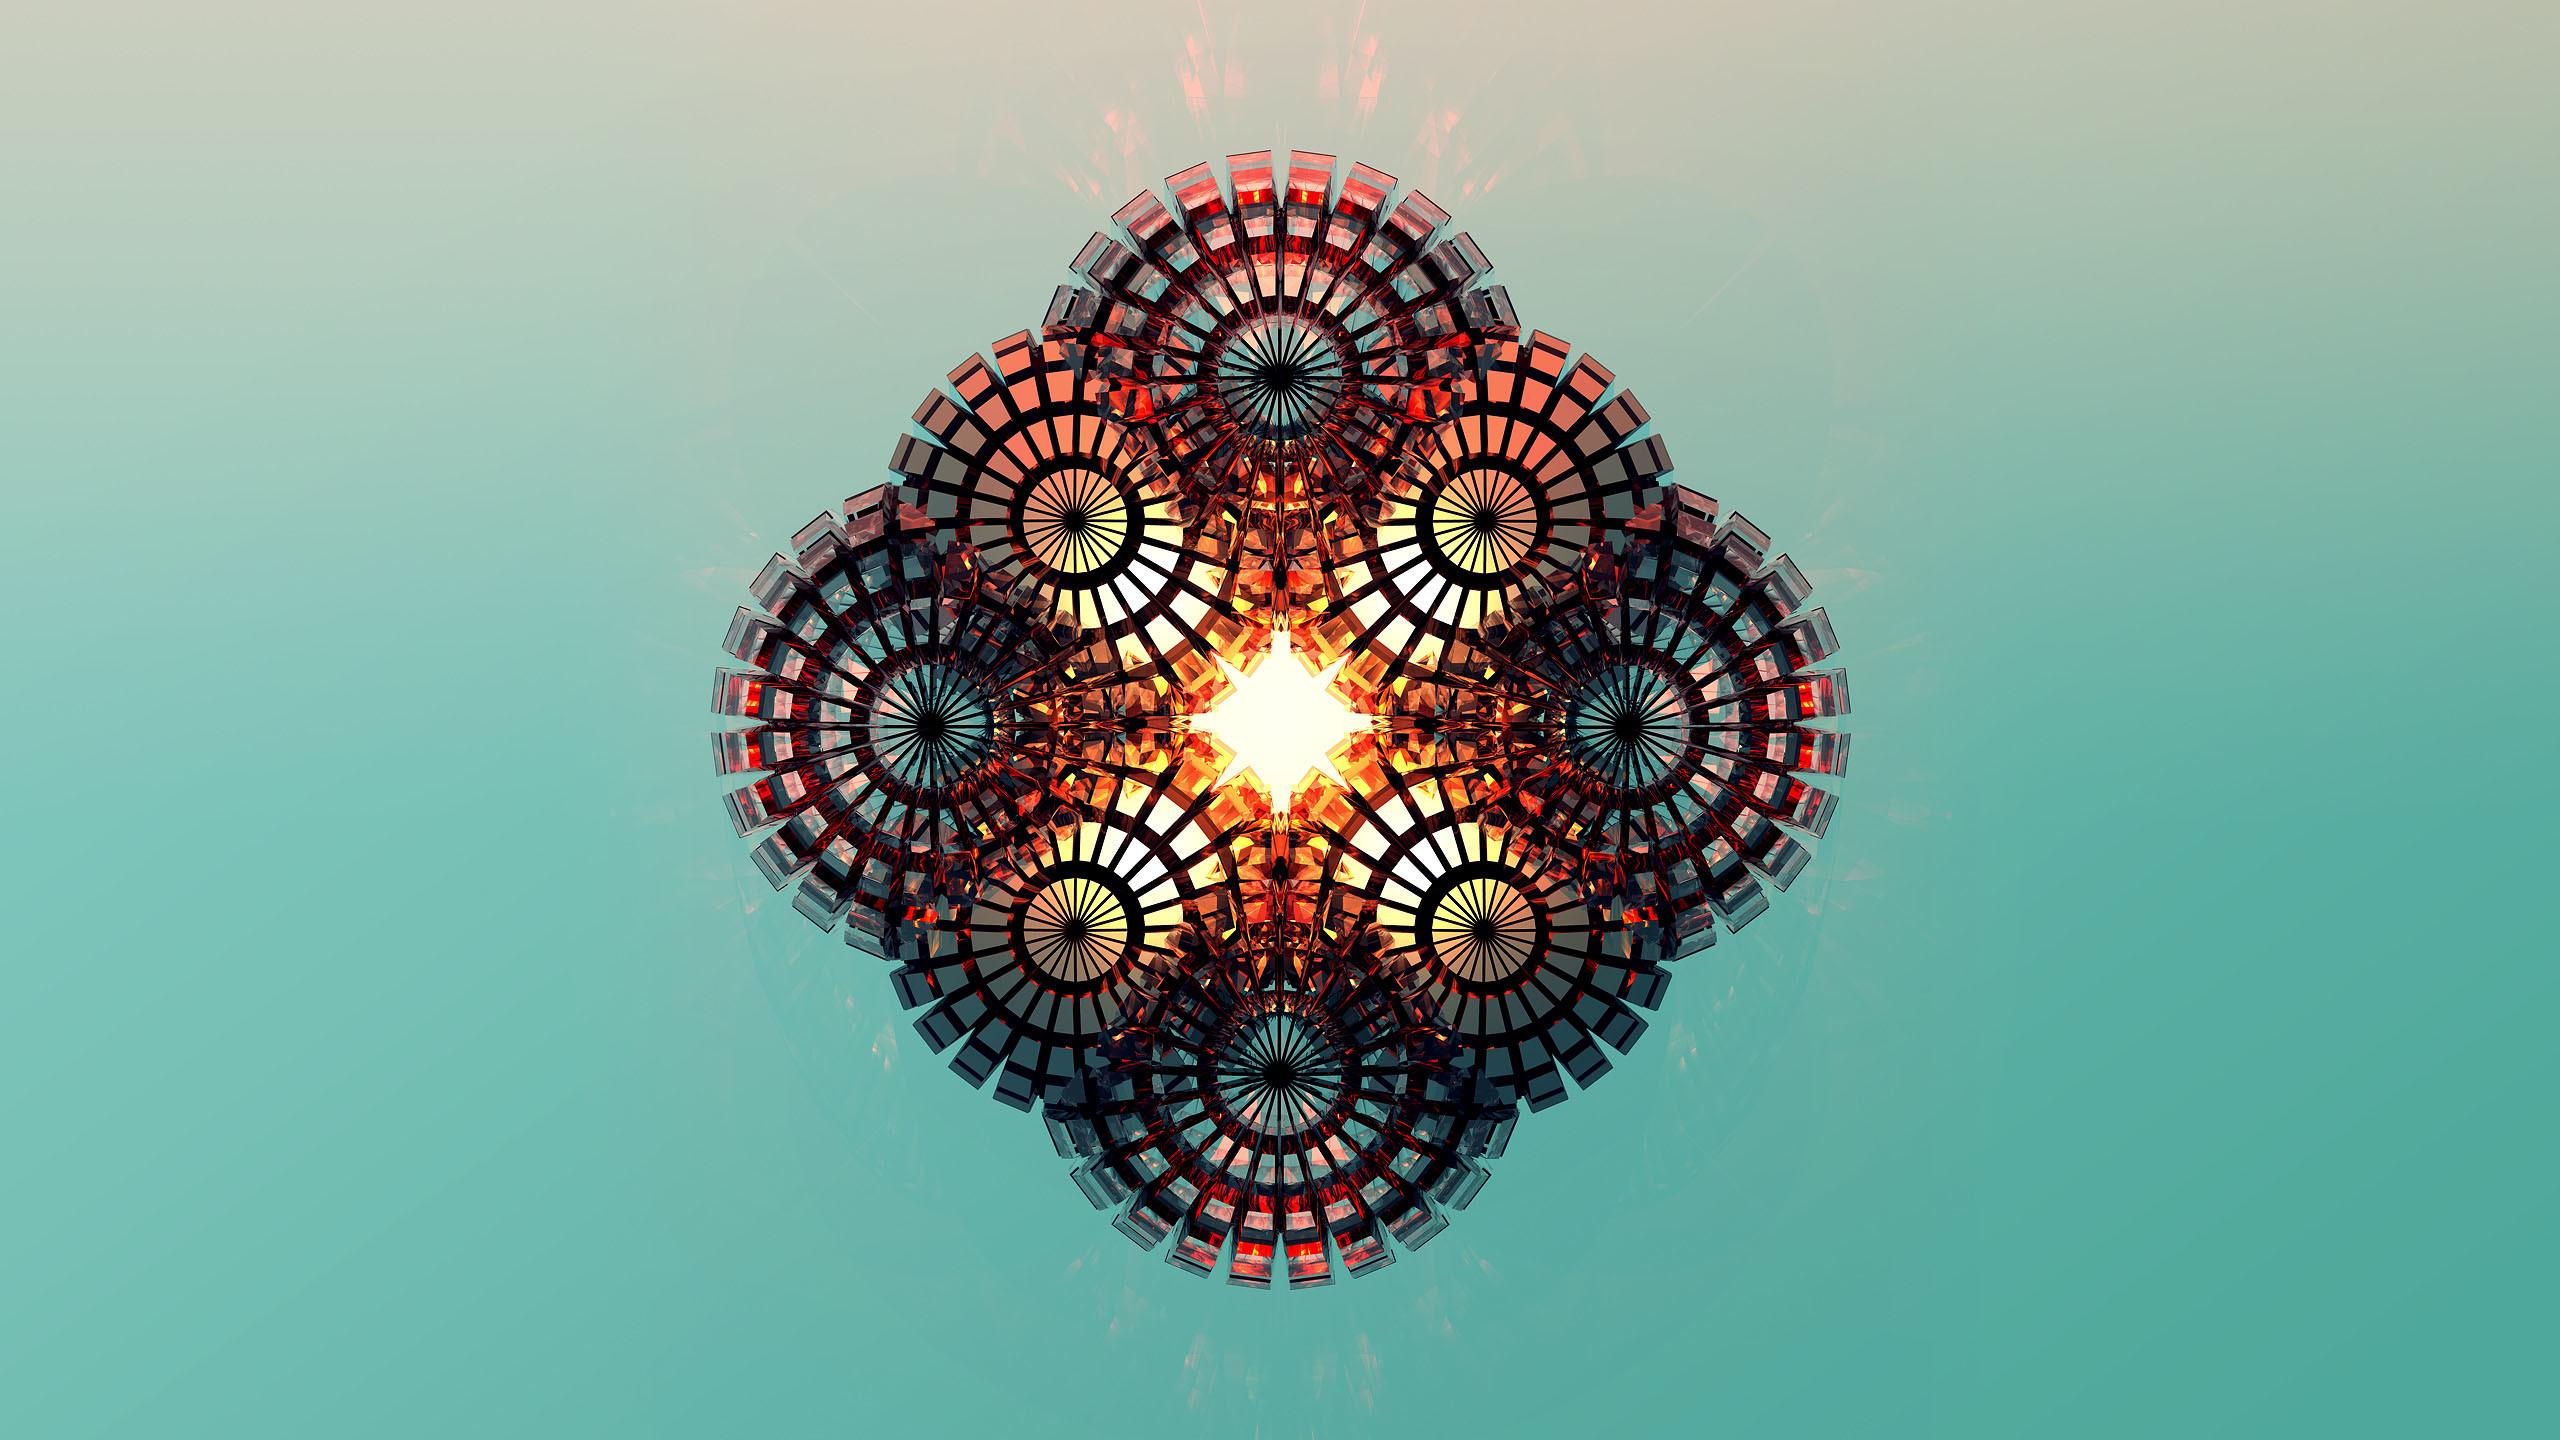 mandala wallpaper images (47)